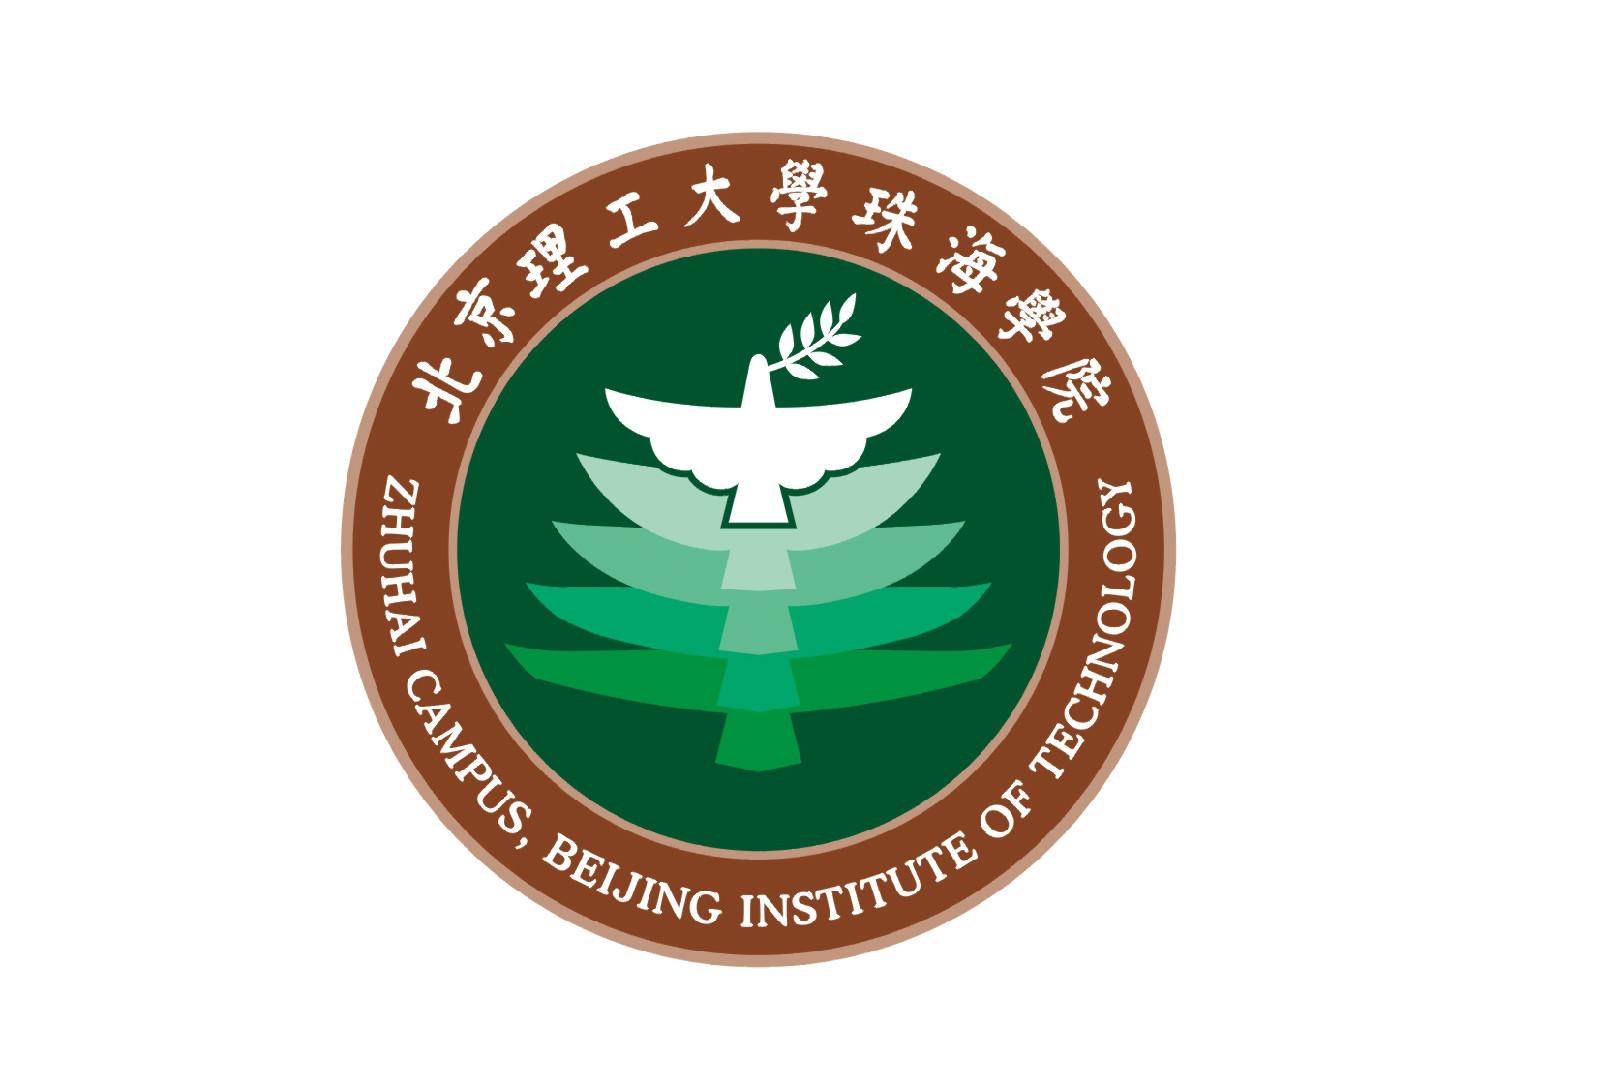 北京理工大学珠海学院